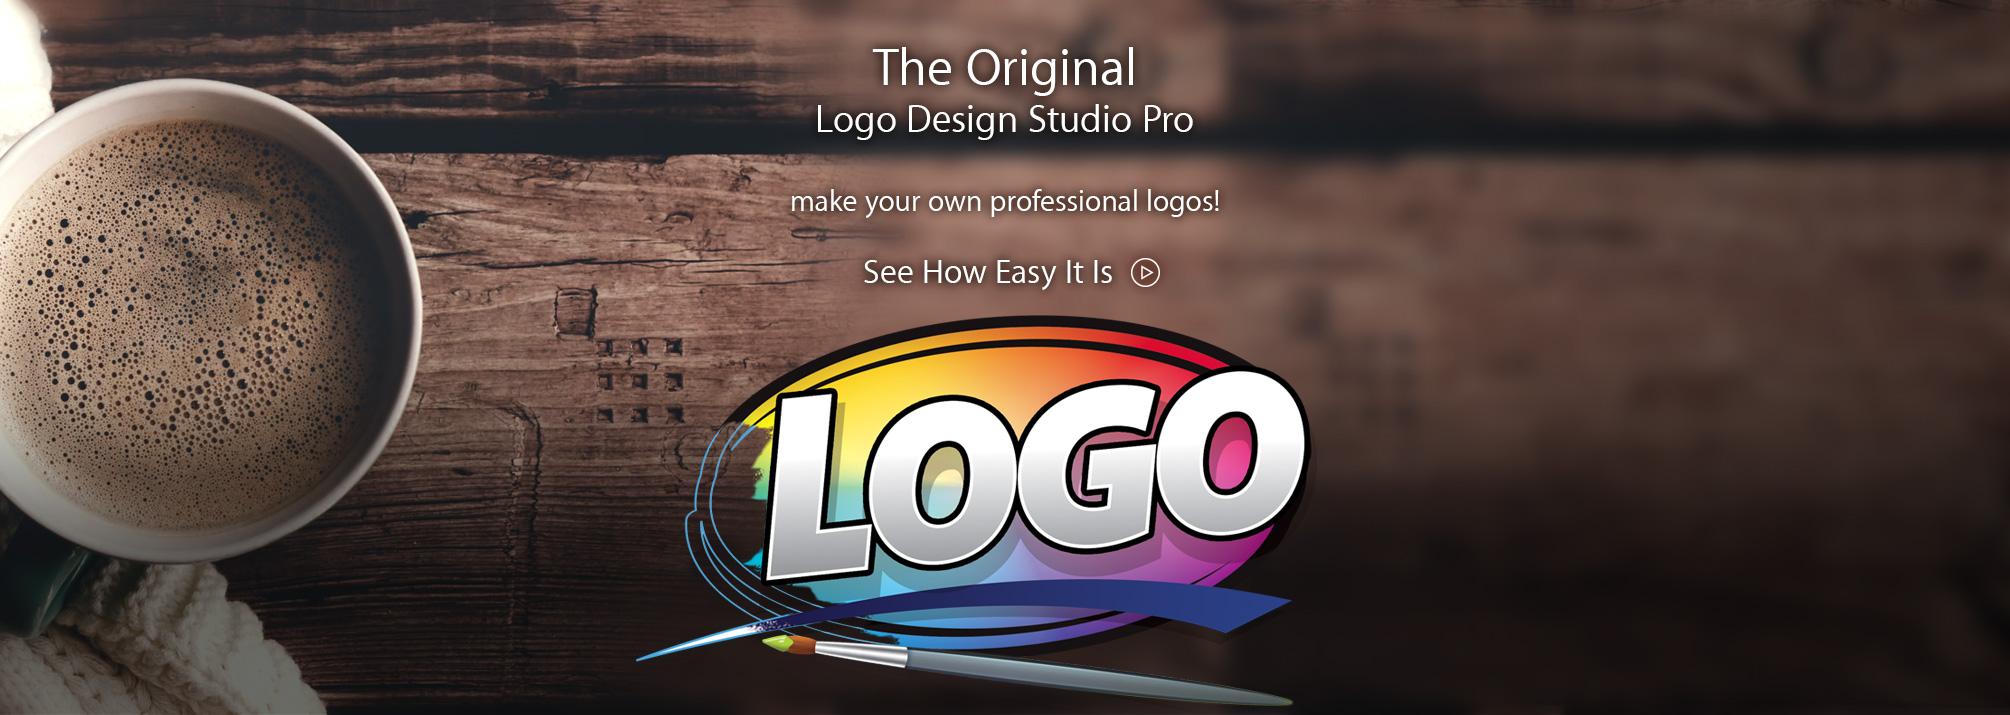 The Original Logo Design Studio Pro